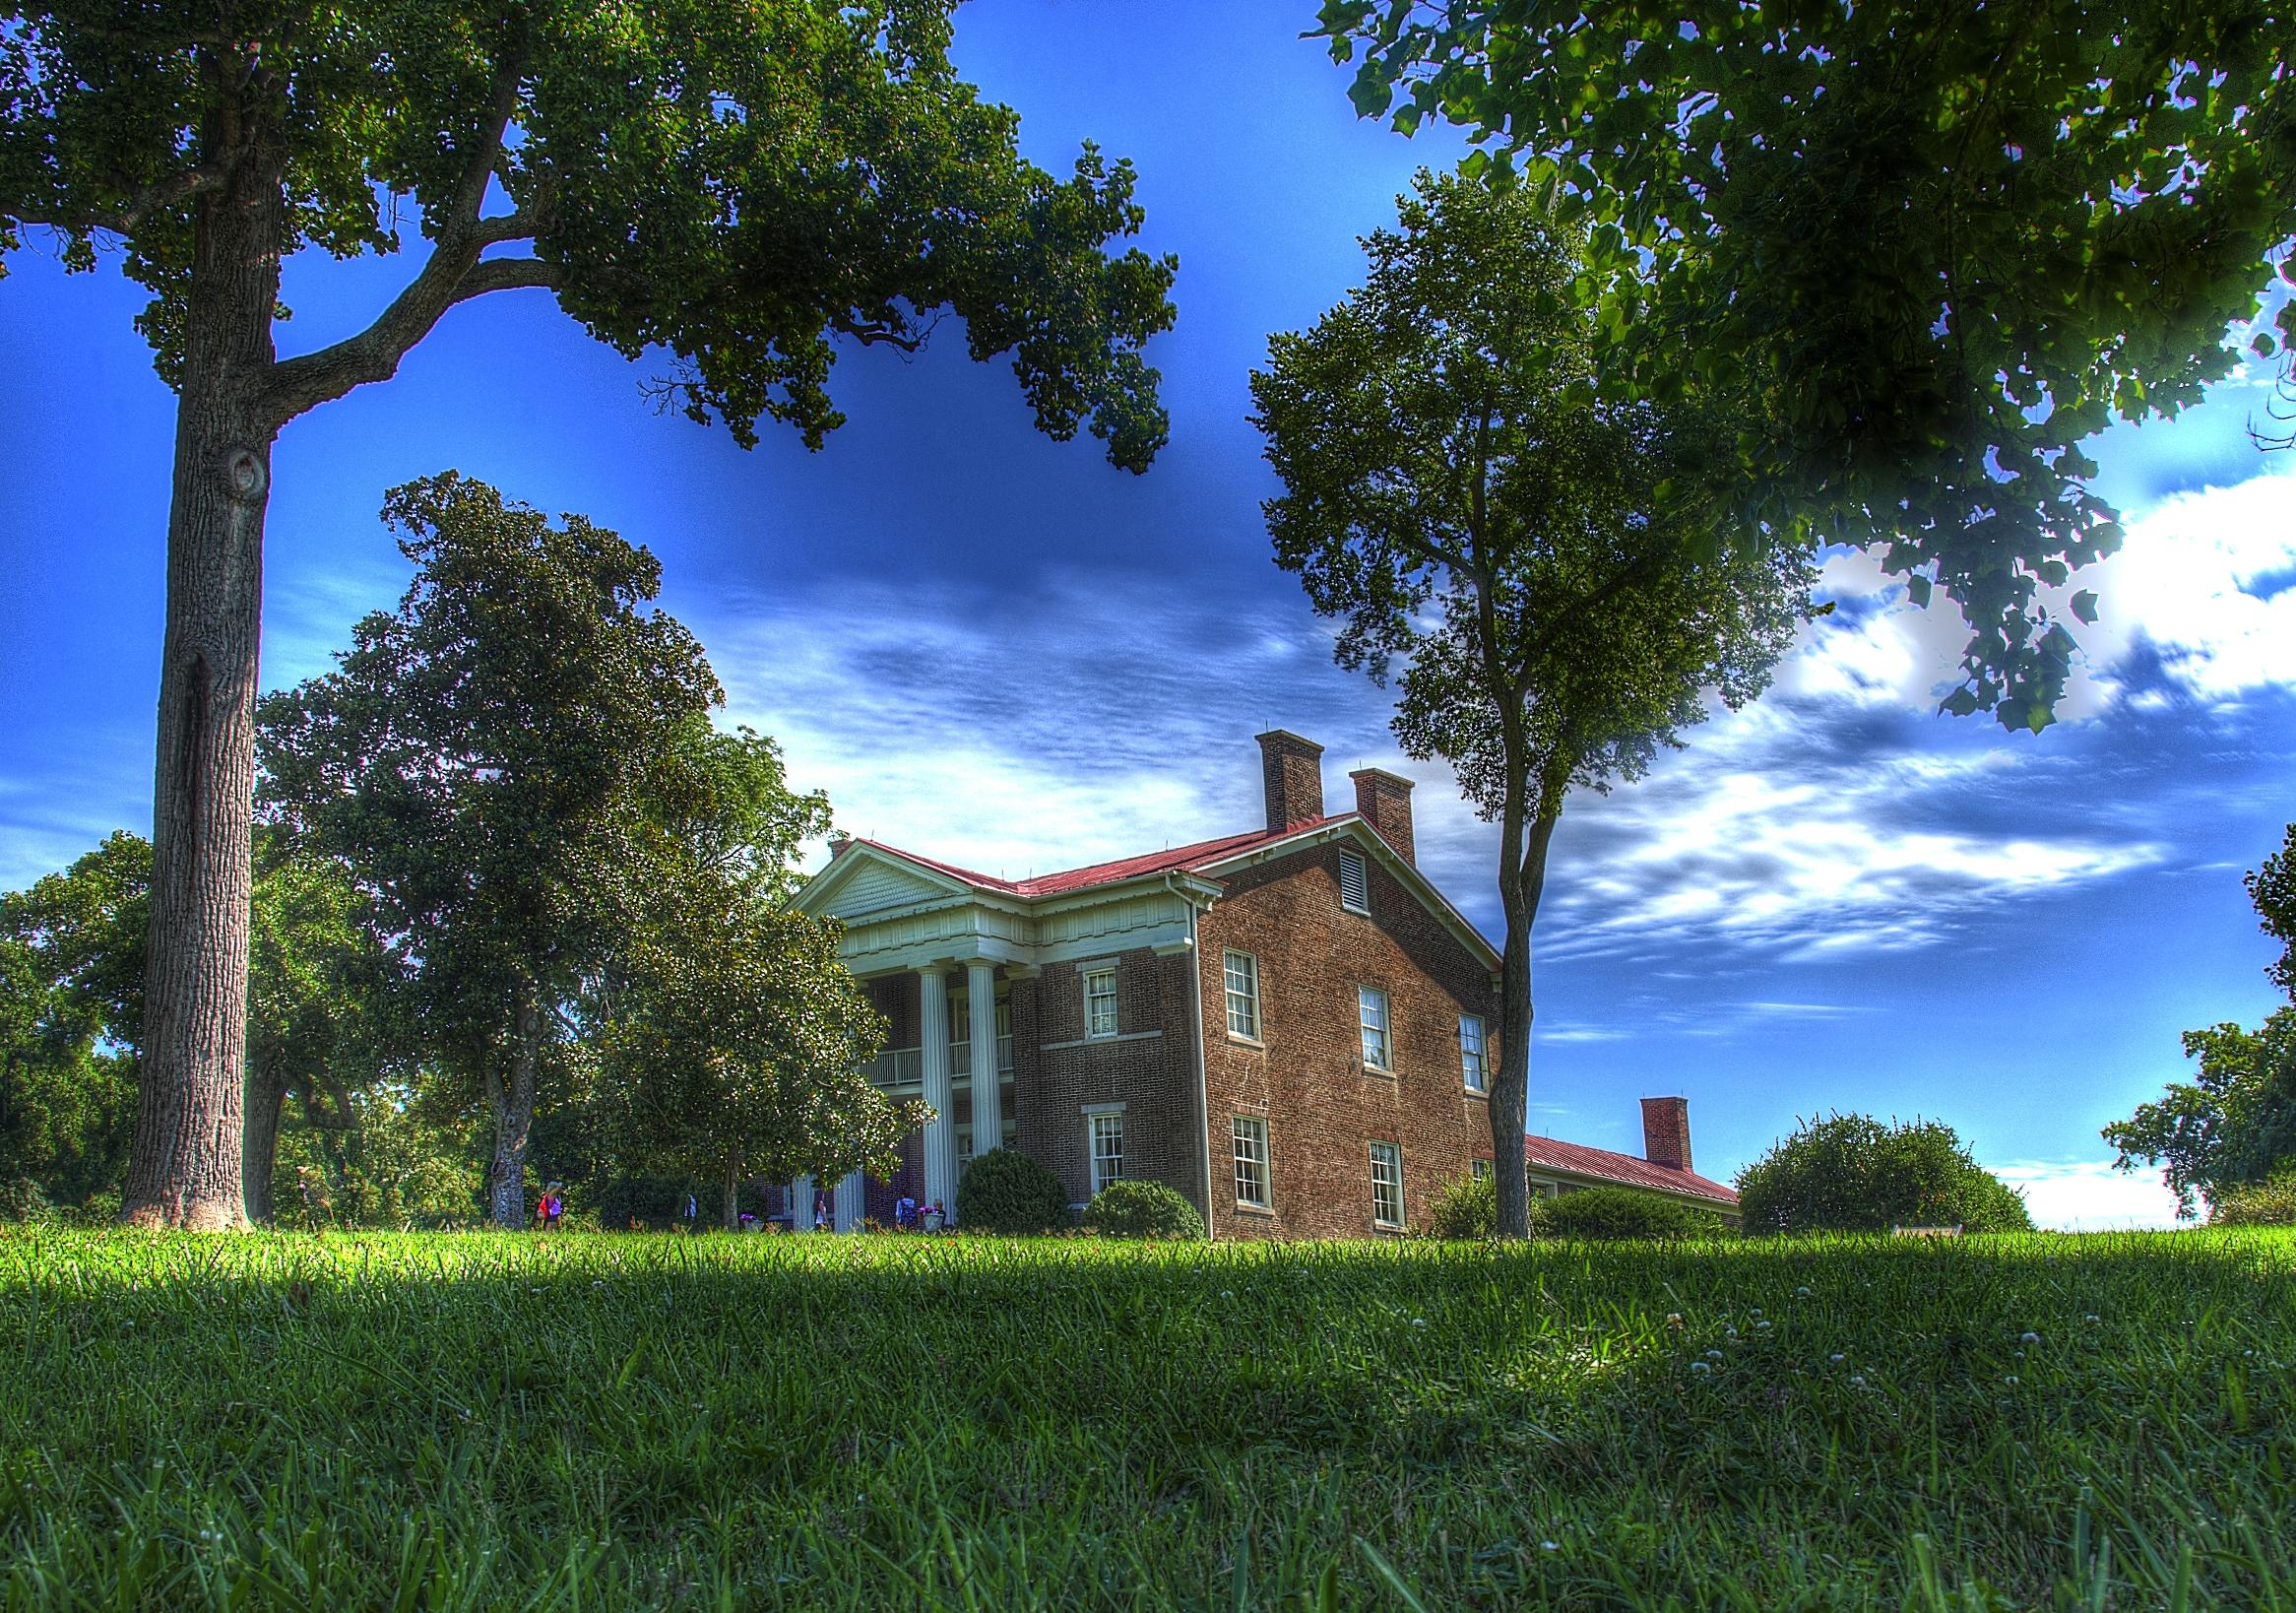 Tulip Grove Mansion